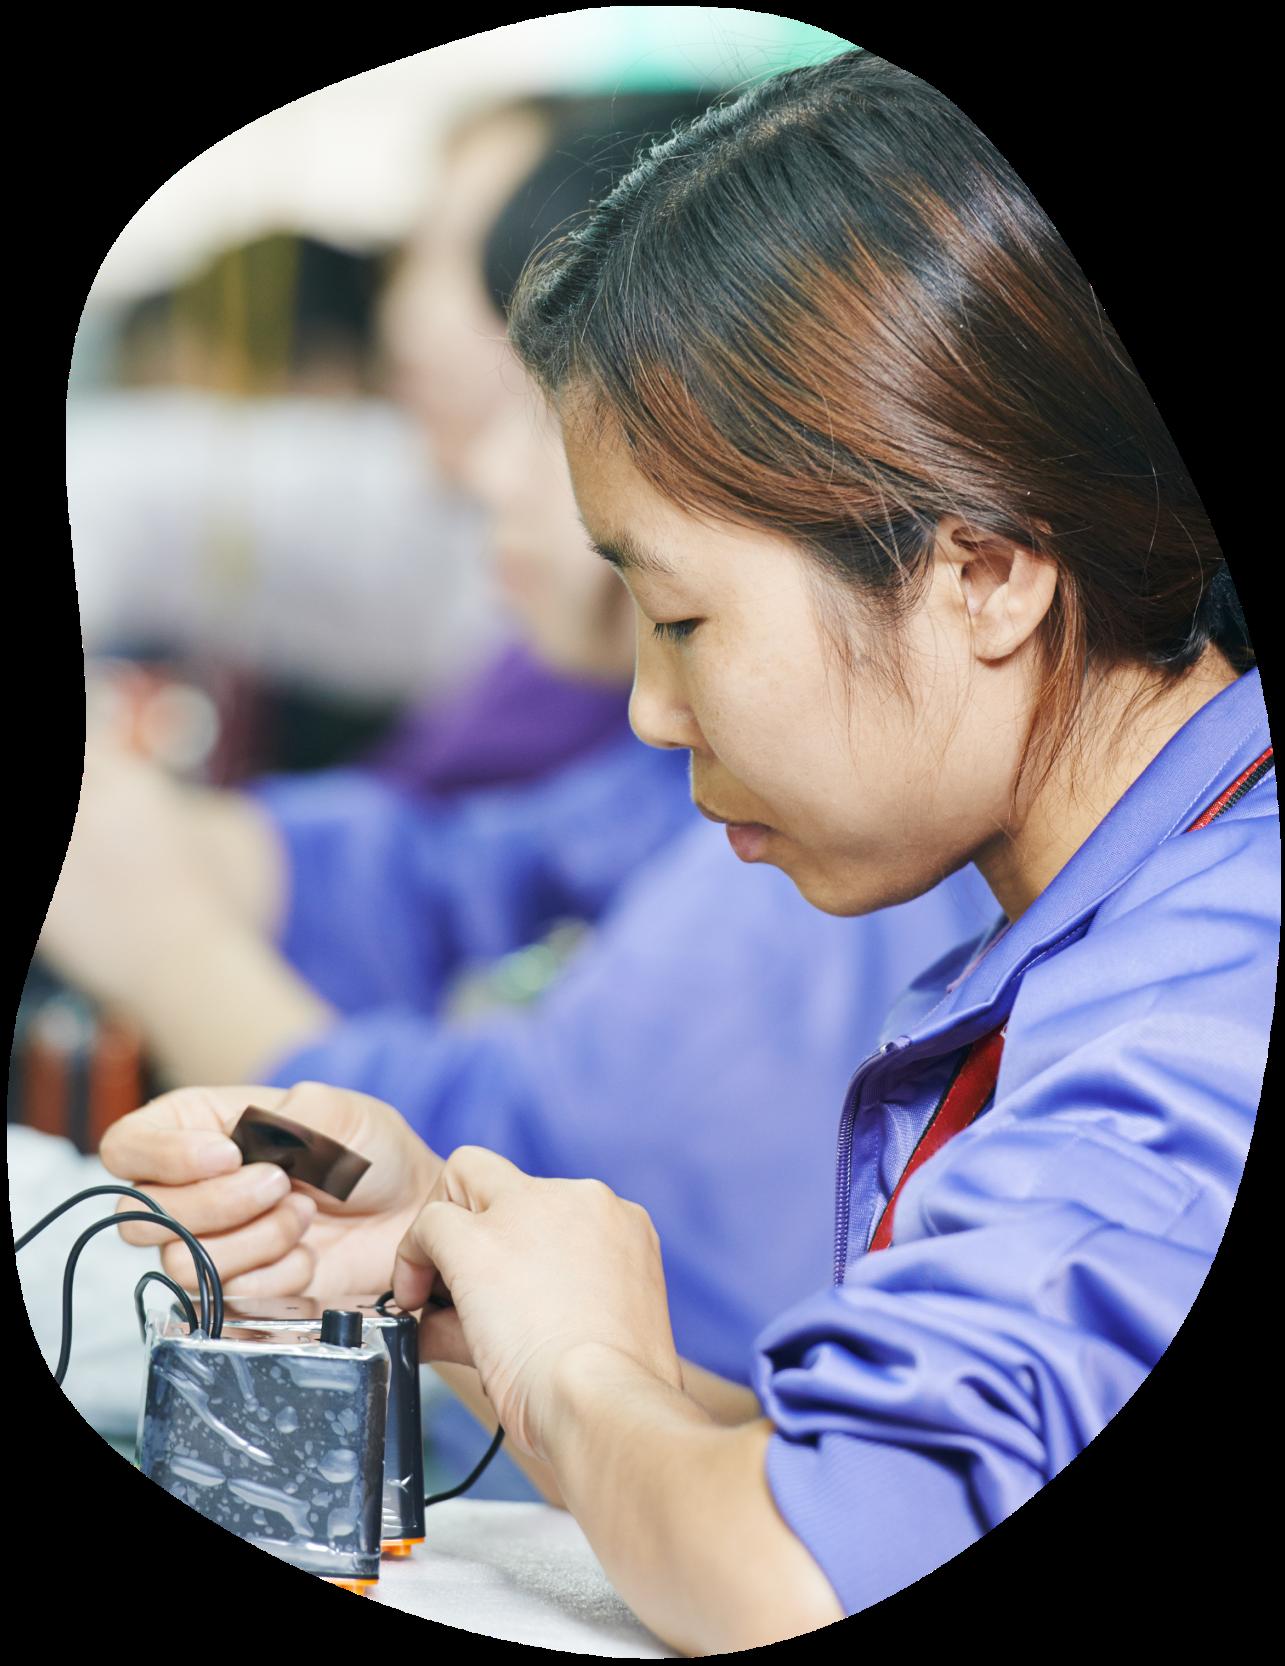 Woman making electronic item